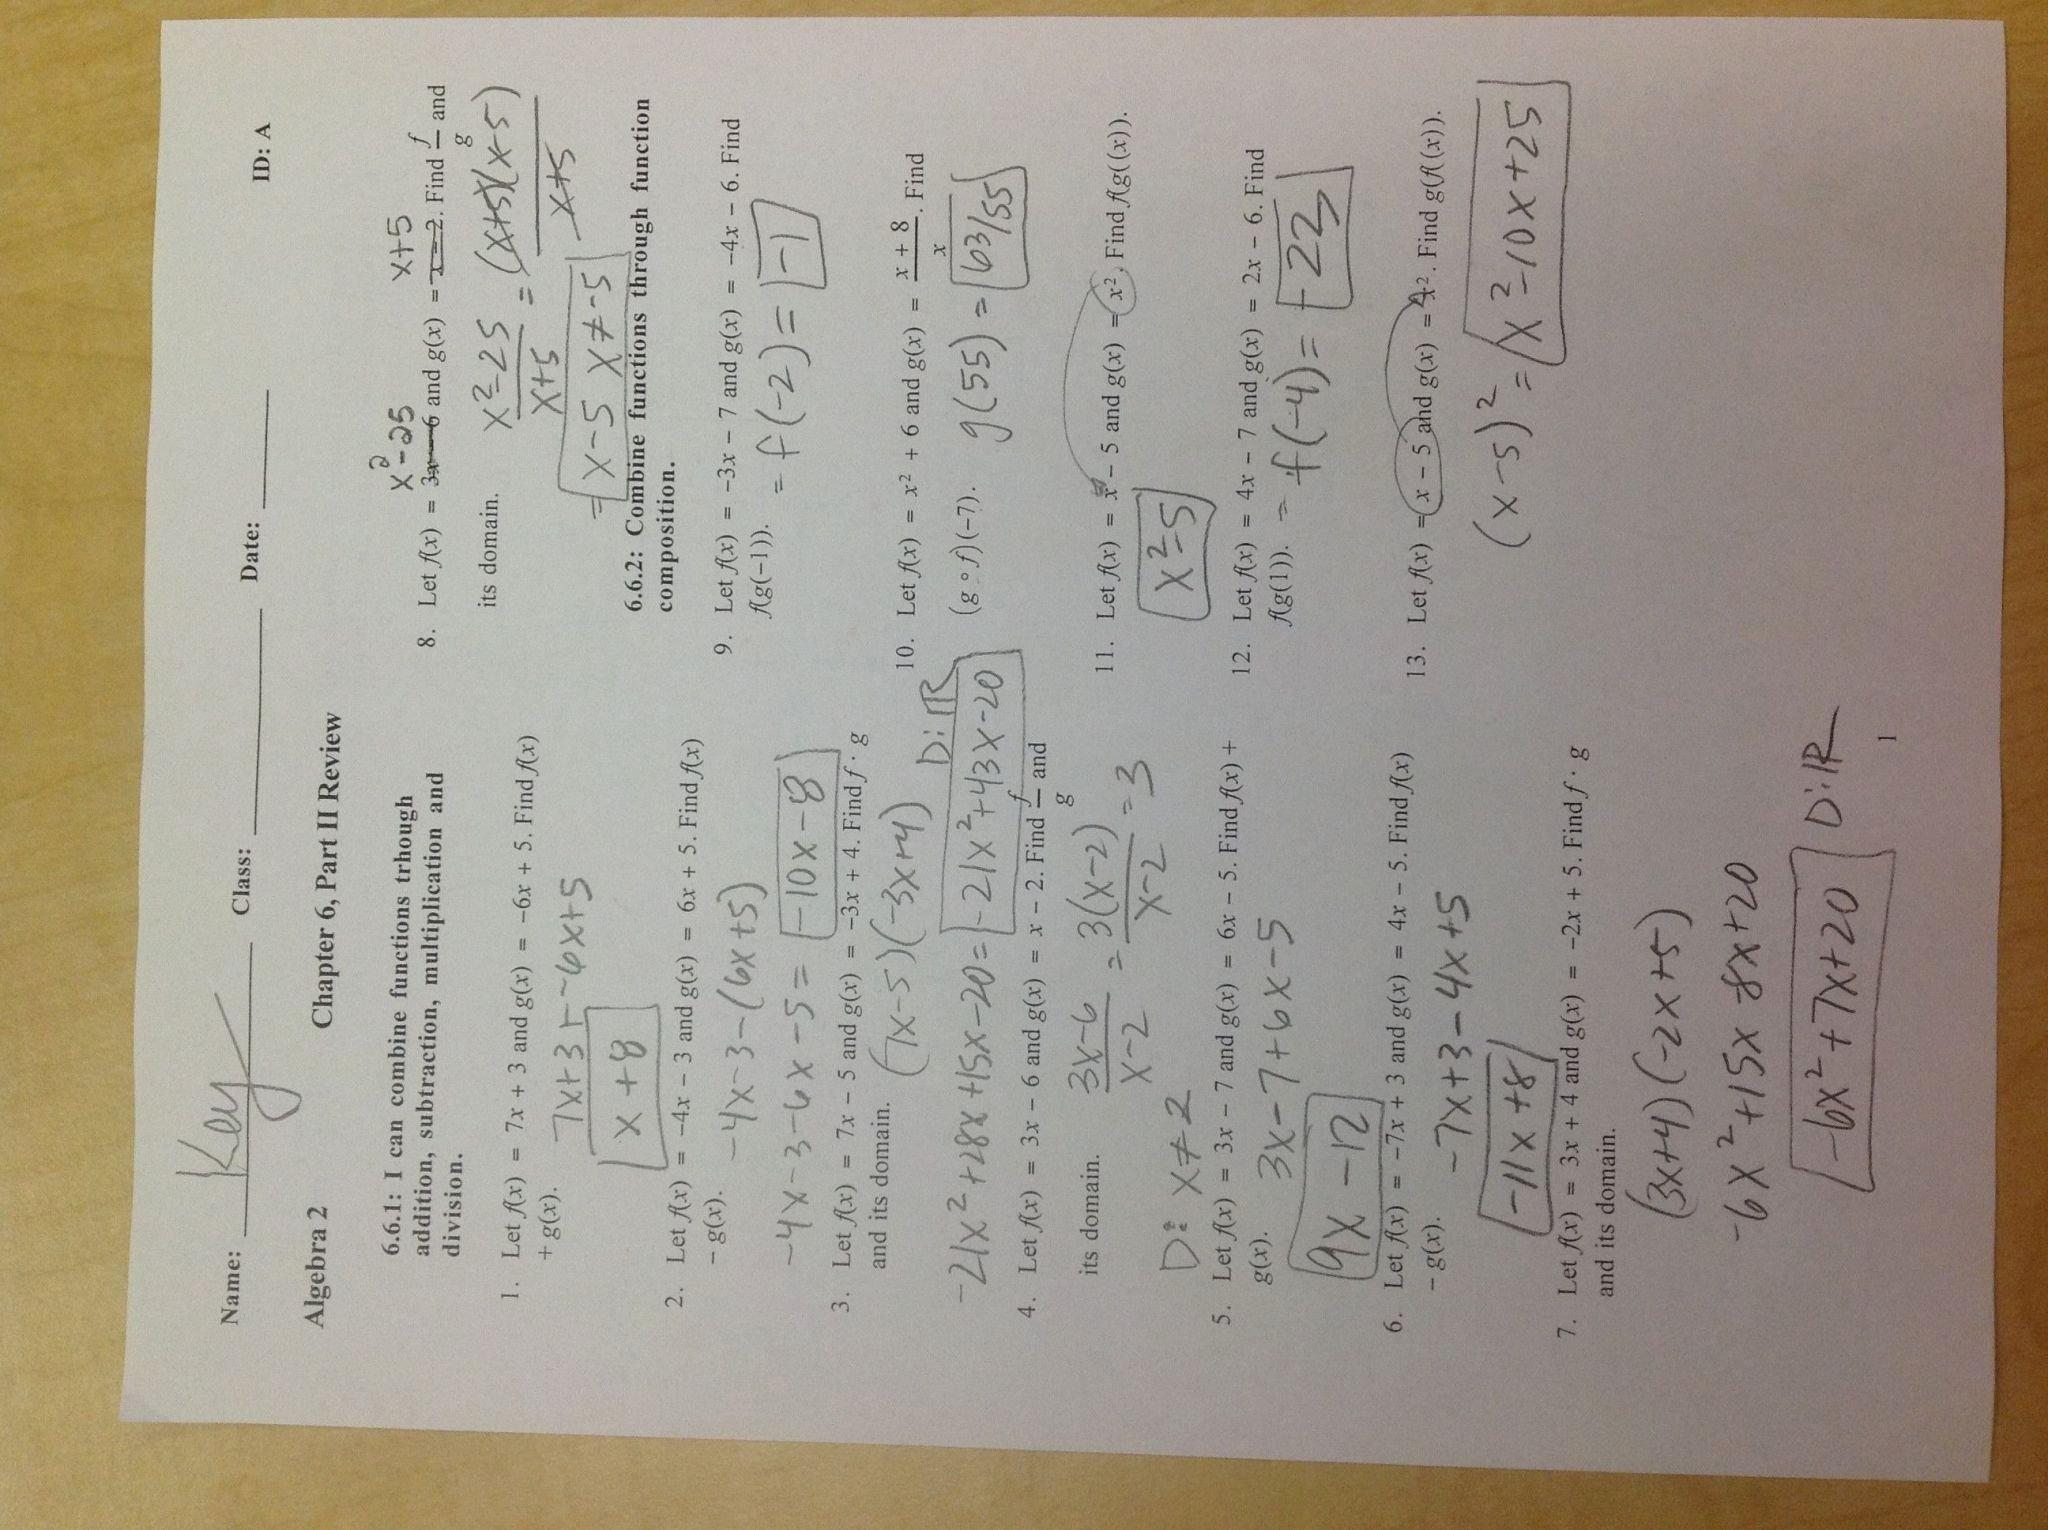 Characteristics Of Quadratic Functions Worksheet Inspirational Characteristics Quadratic Functions New Worksheet